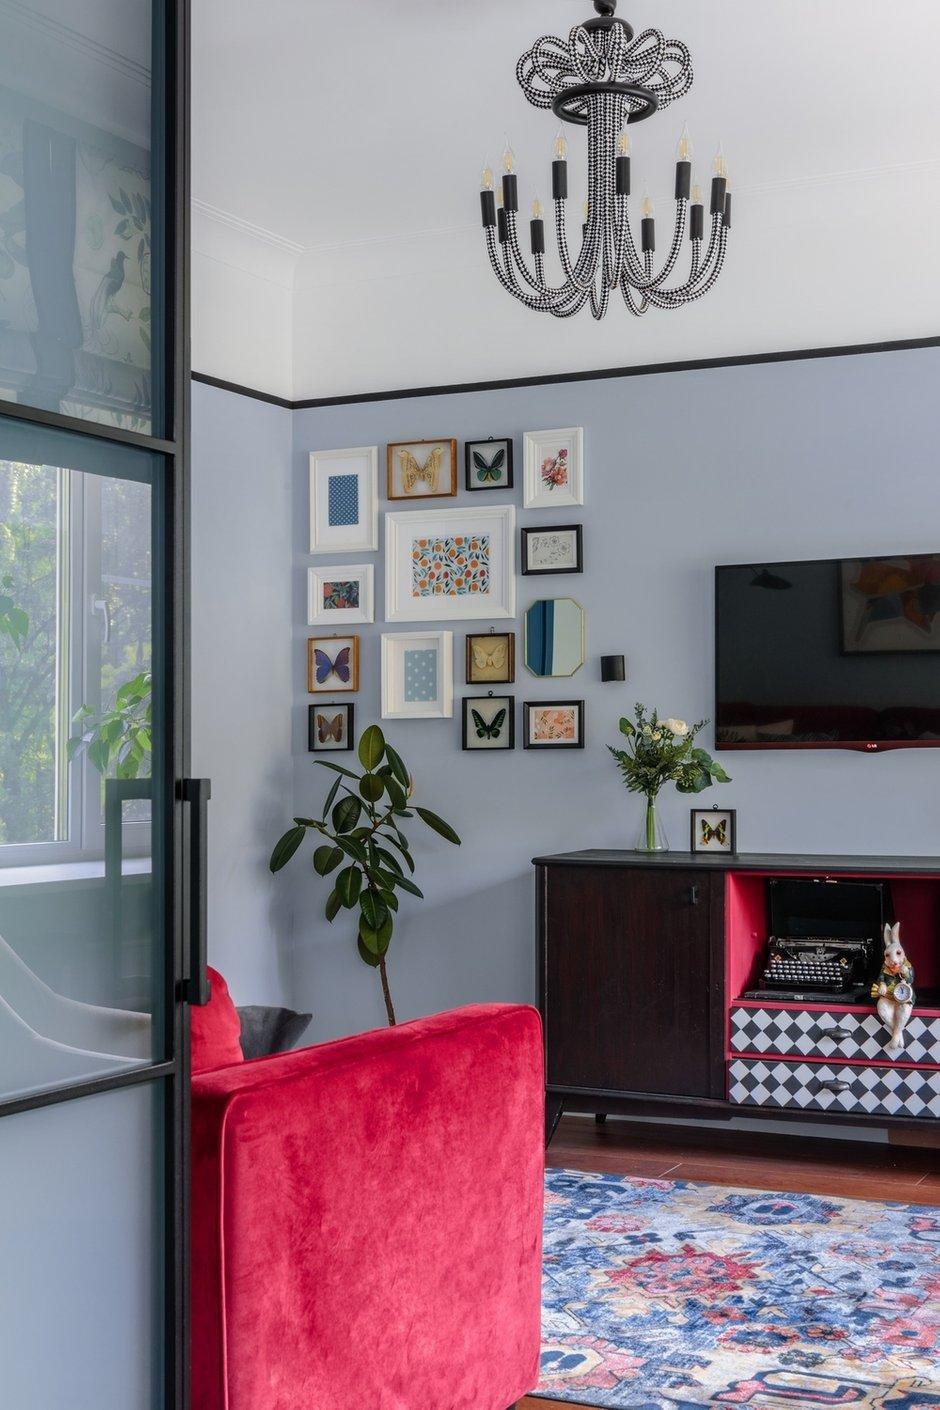 Фотография: Гостиная в стиле Эклектика, Квартира, Проект недели, Москва, 3 комнаты, 60-90 метров, Валерия Шиманская – фото на INMYROOM